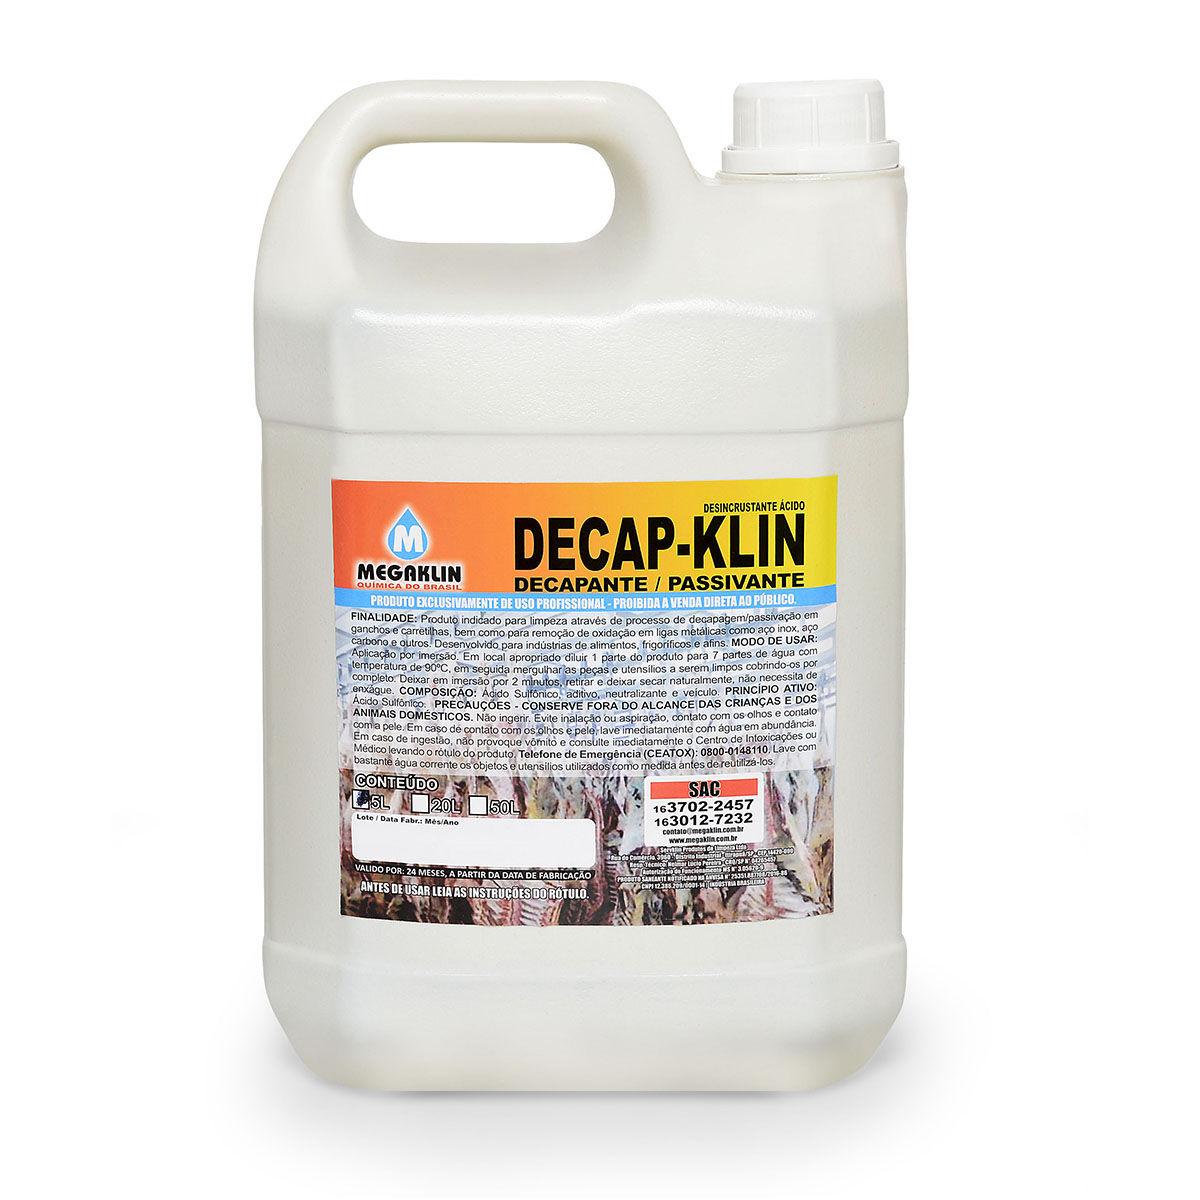 Decapante / Passivante Decap-Klin Megaklin